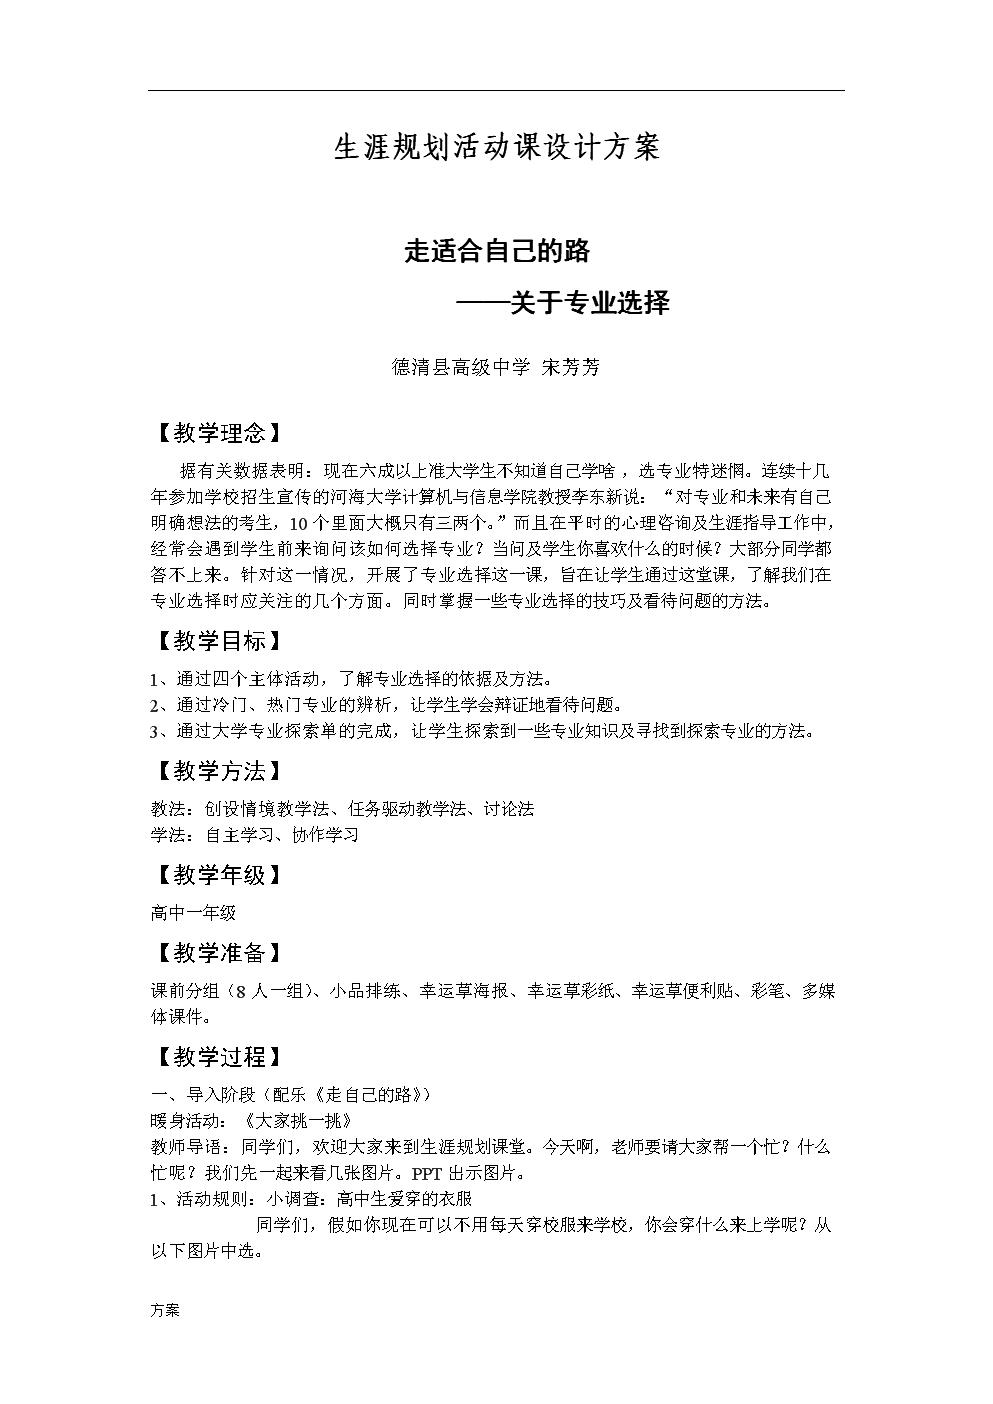 生涯规划活动课设计的方案.doc